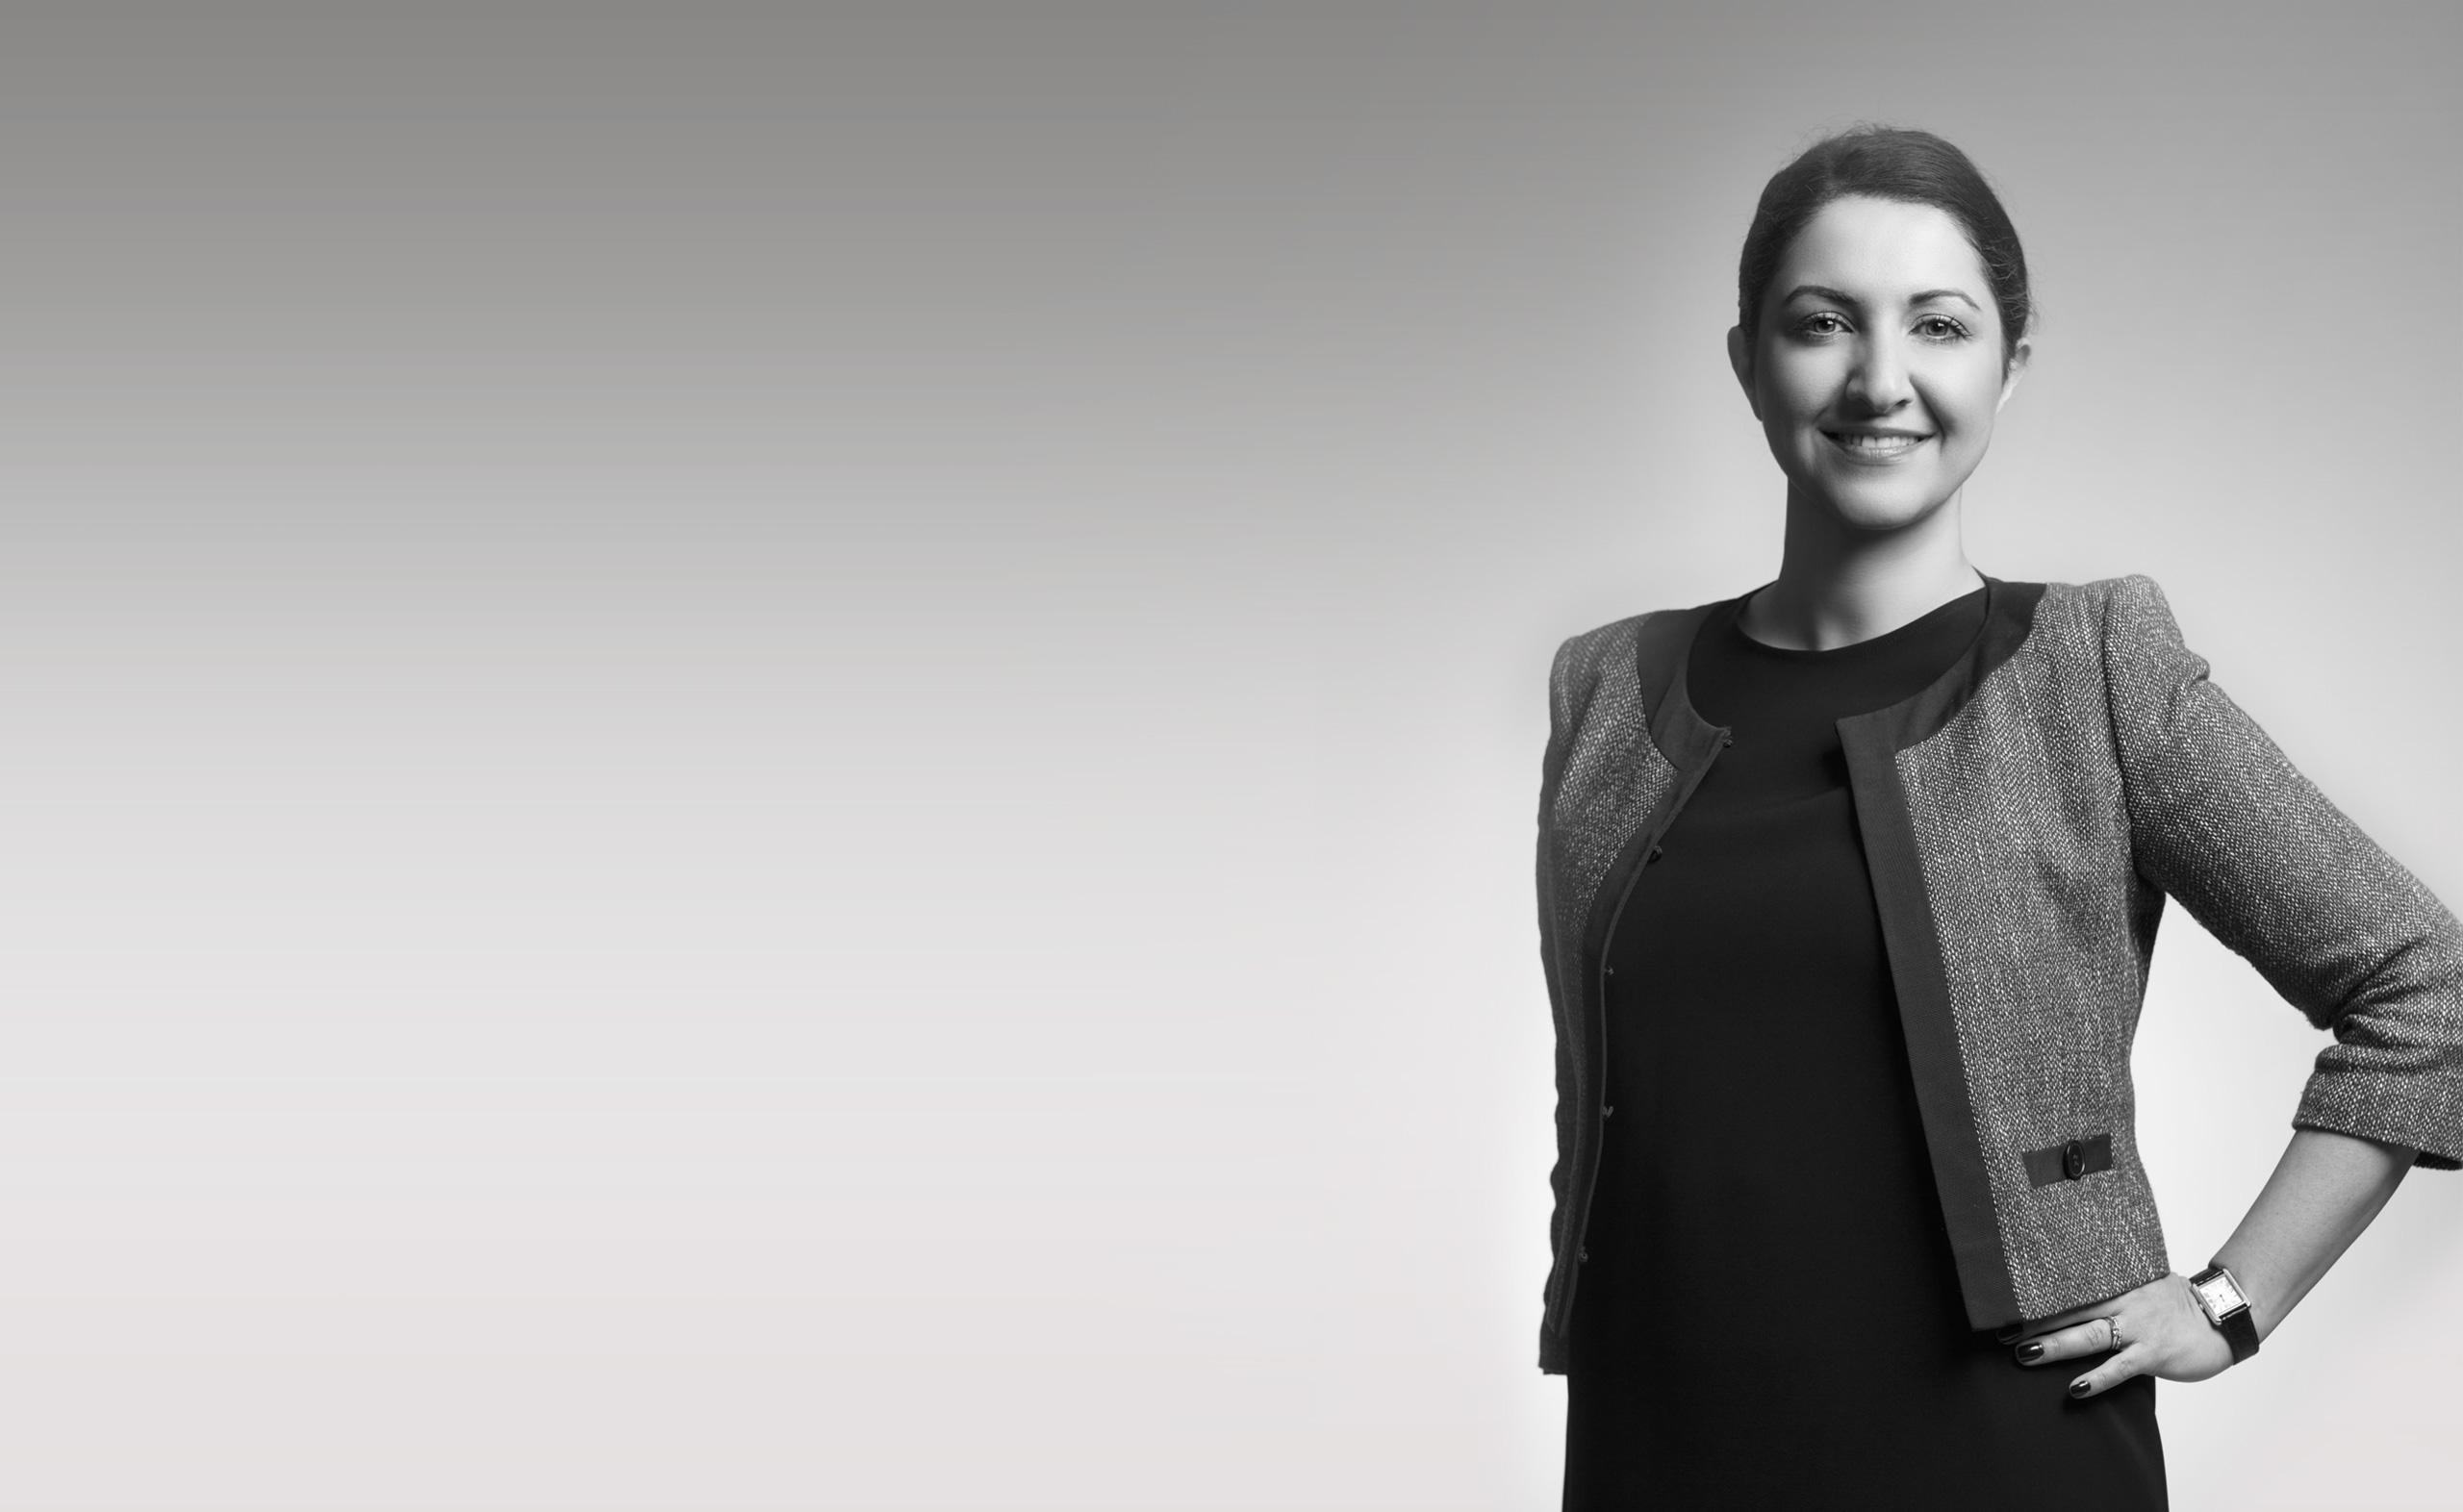 Bahar Nabavi, Reg. fastighetsmäklare på Kungsholmen